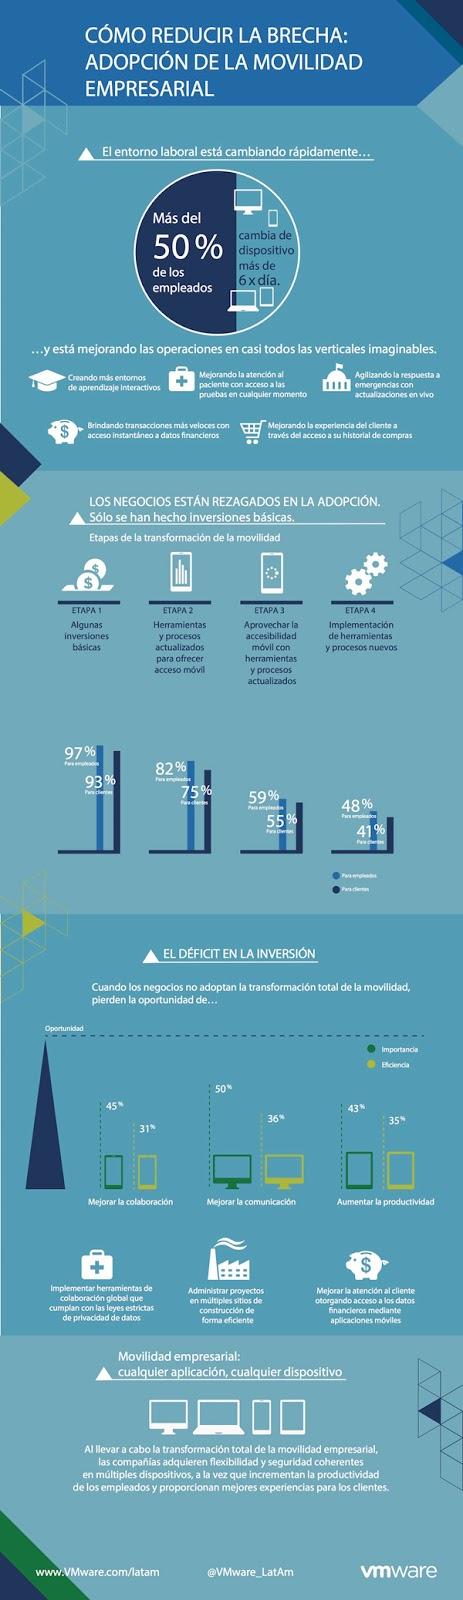 VMware-explica-futuro-movilidad-empresarial